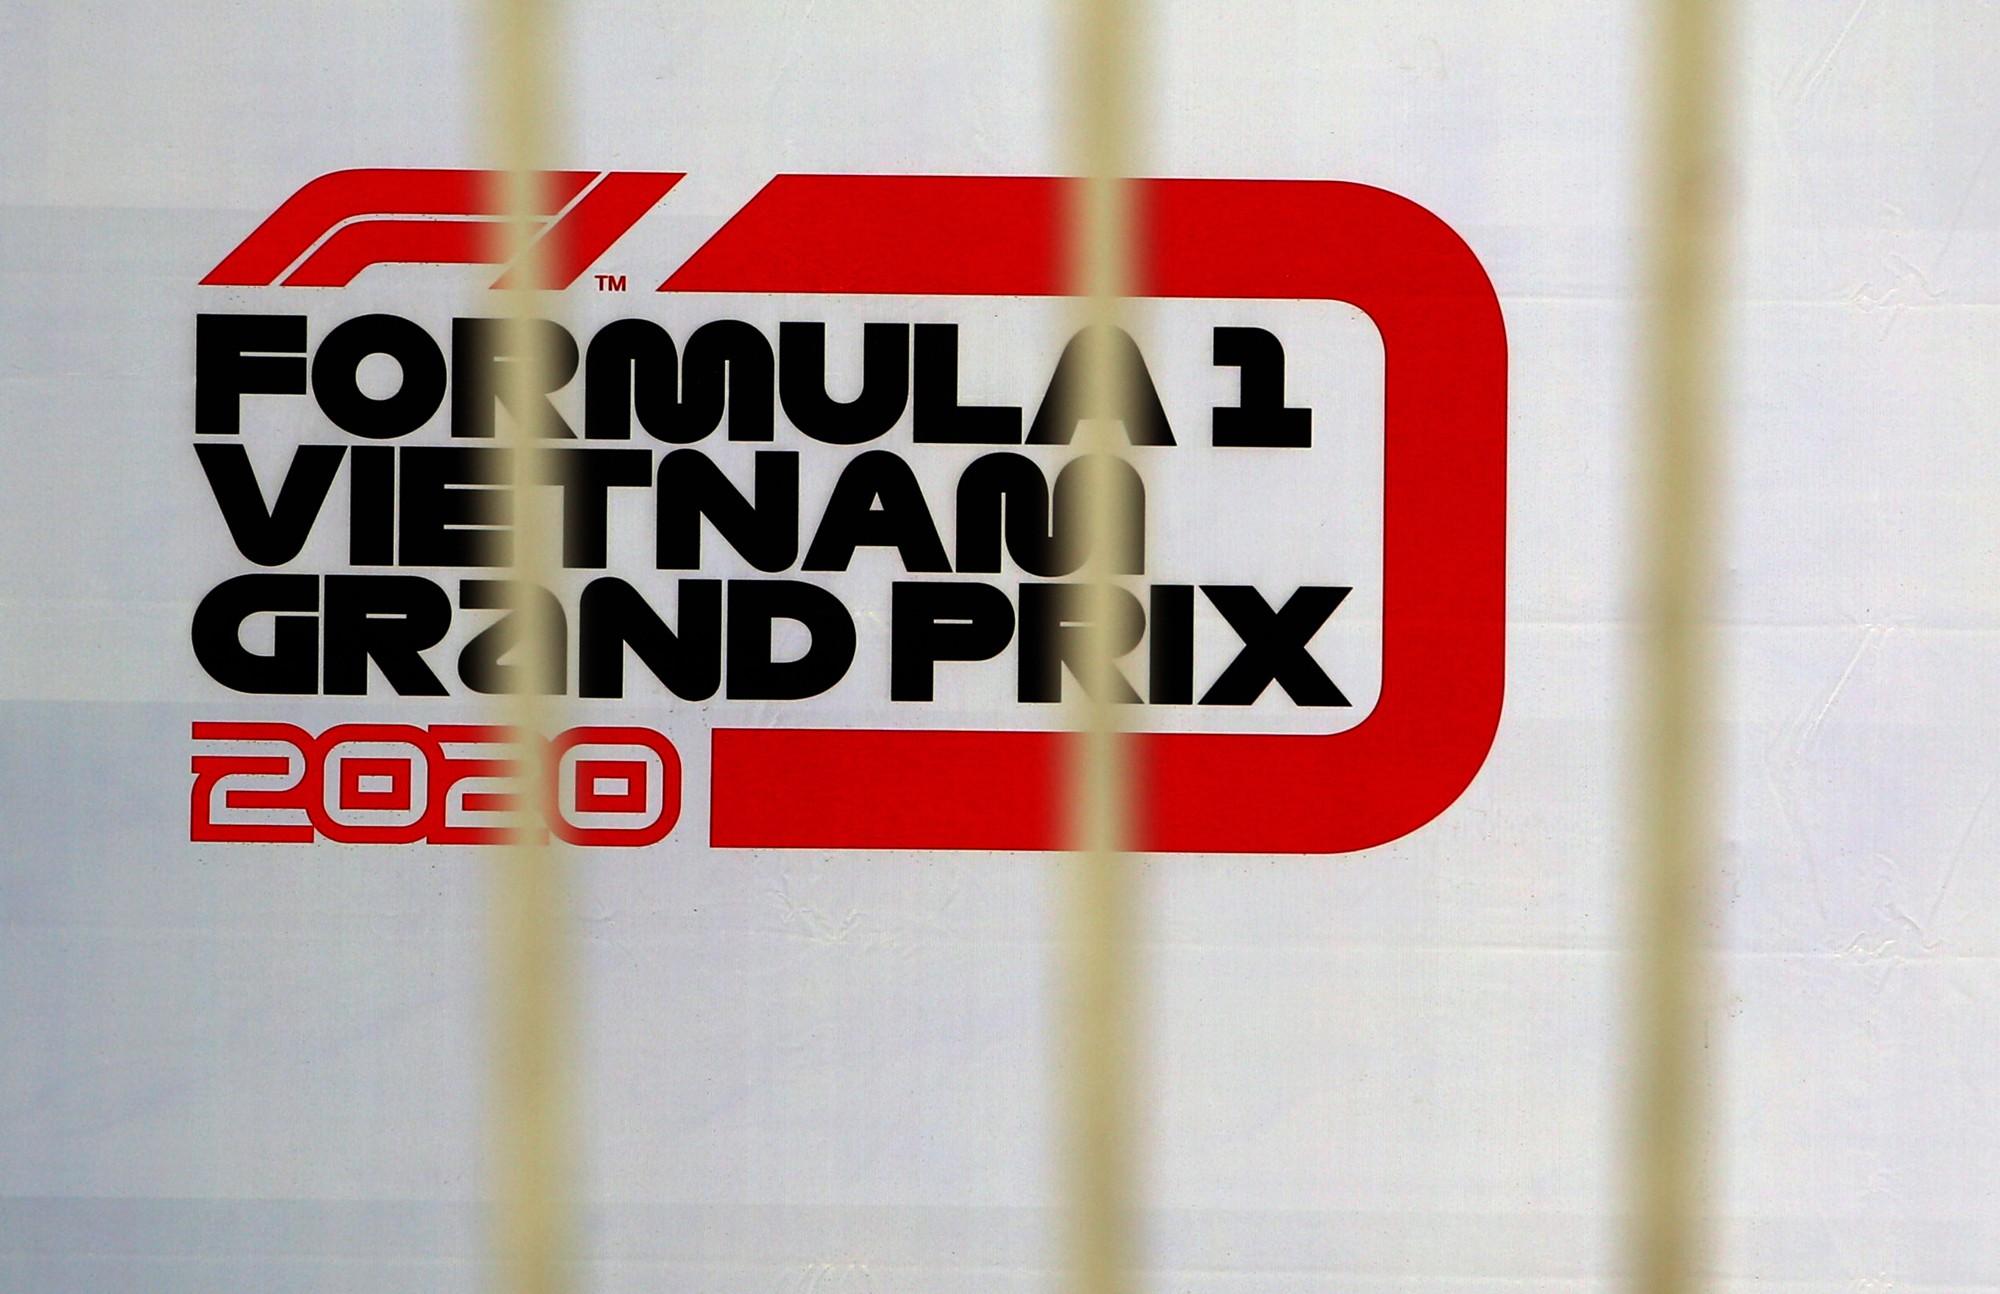 Cận cảnh nơi xe đua F1 sắp trình diễn ở sân vận động Mỹ Đình - Ảnh 4.